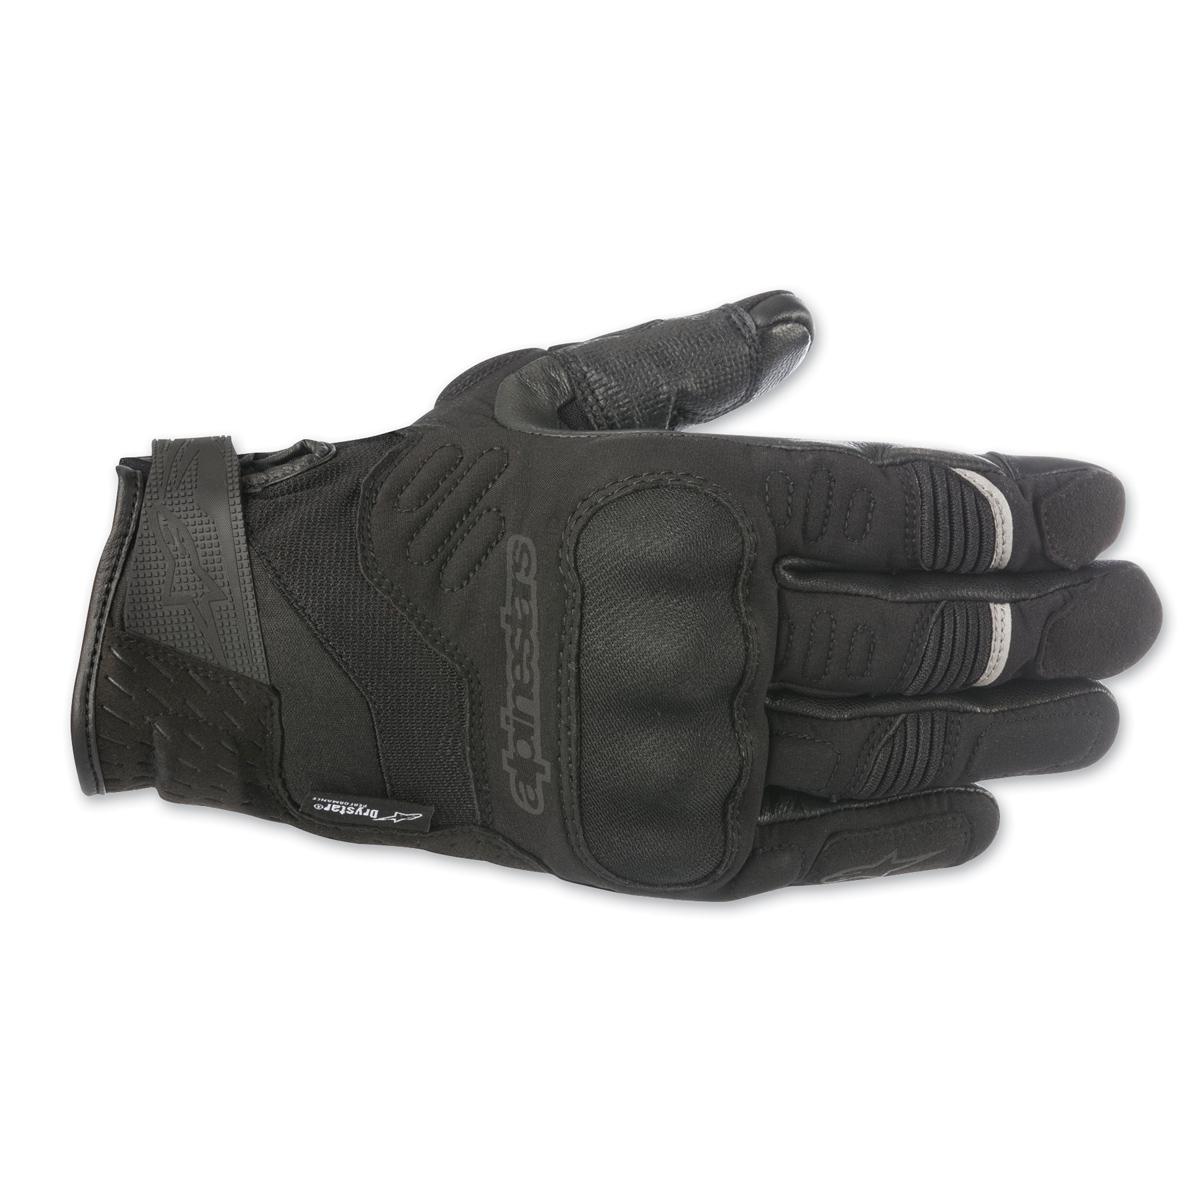 Alpinestars Men's C-30 Drystar Black Gloves